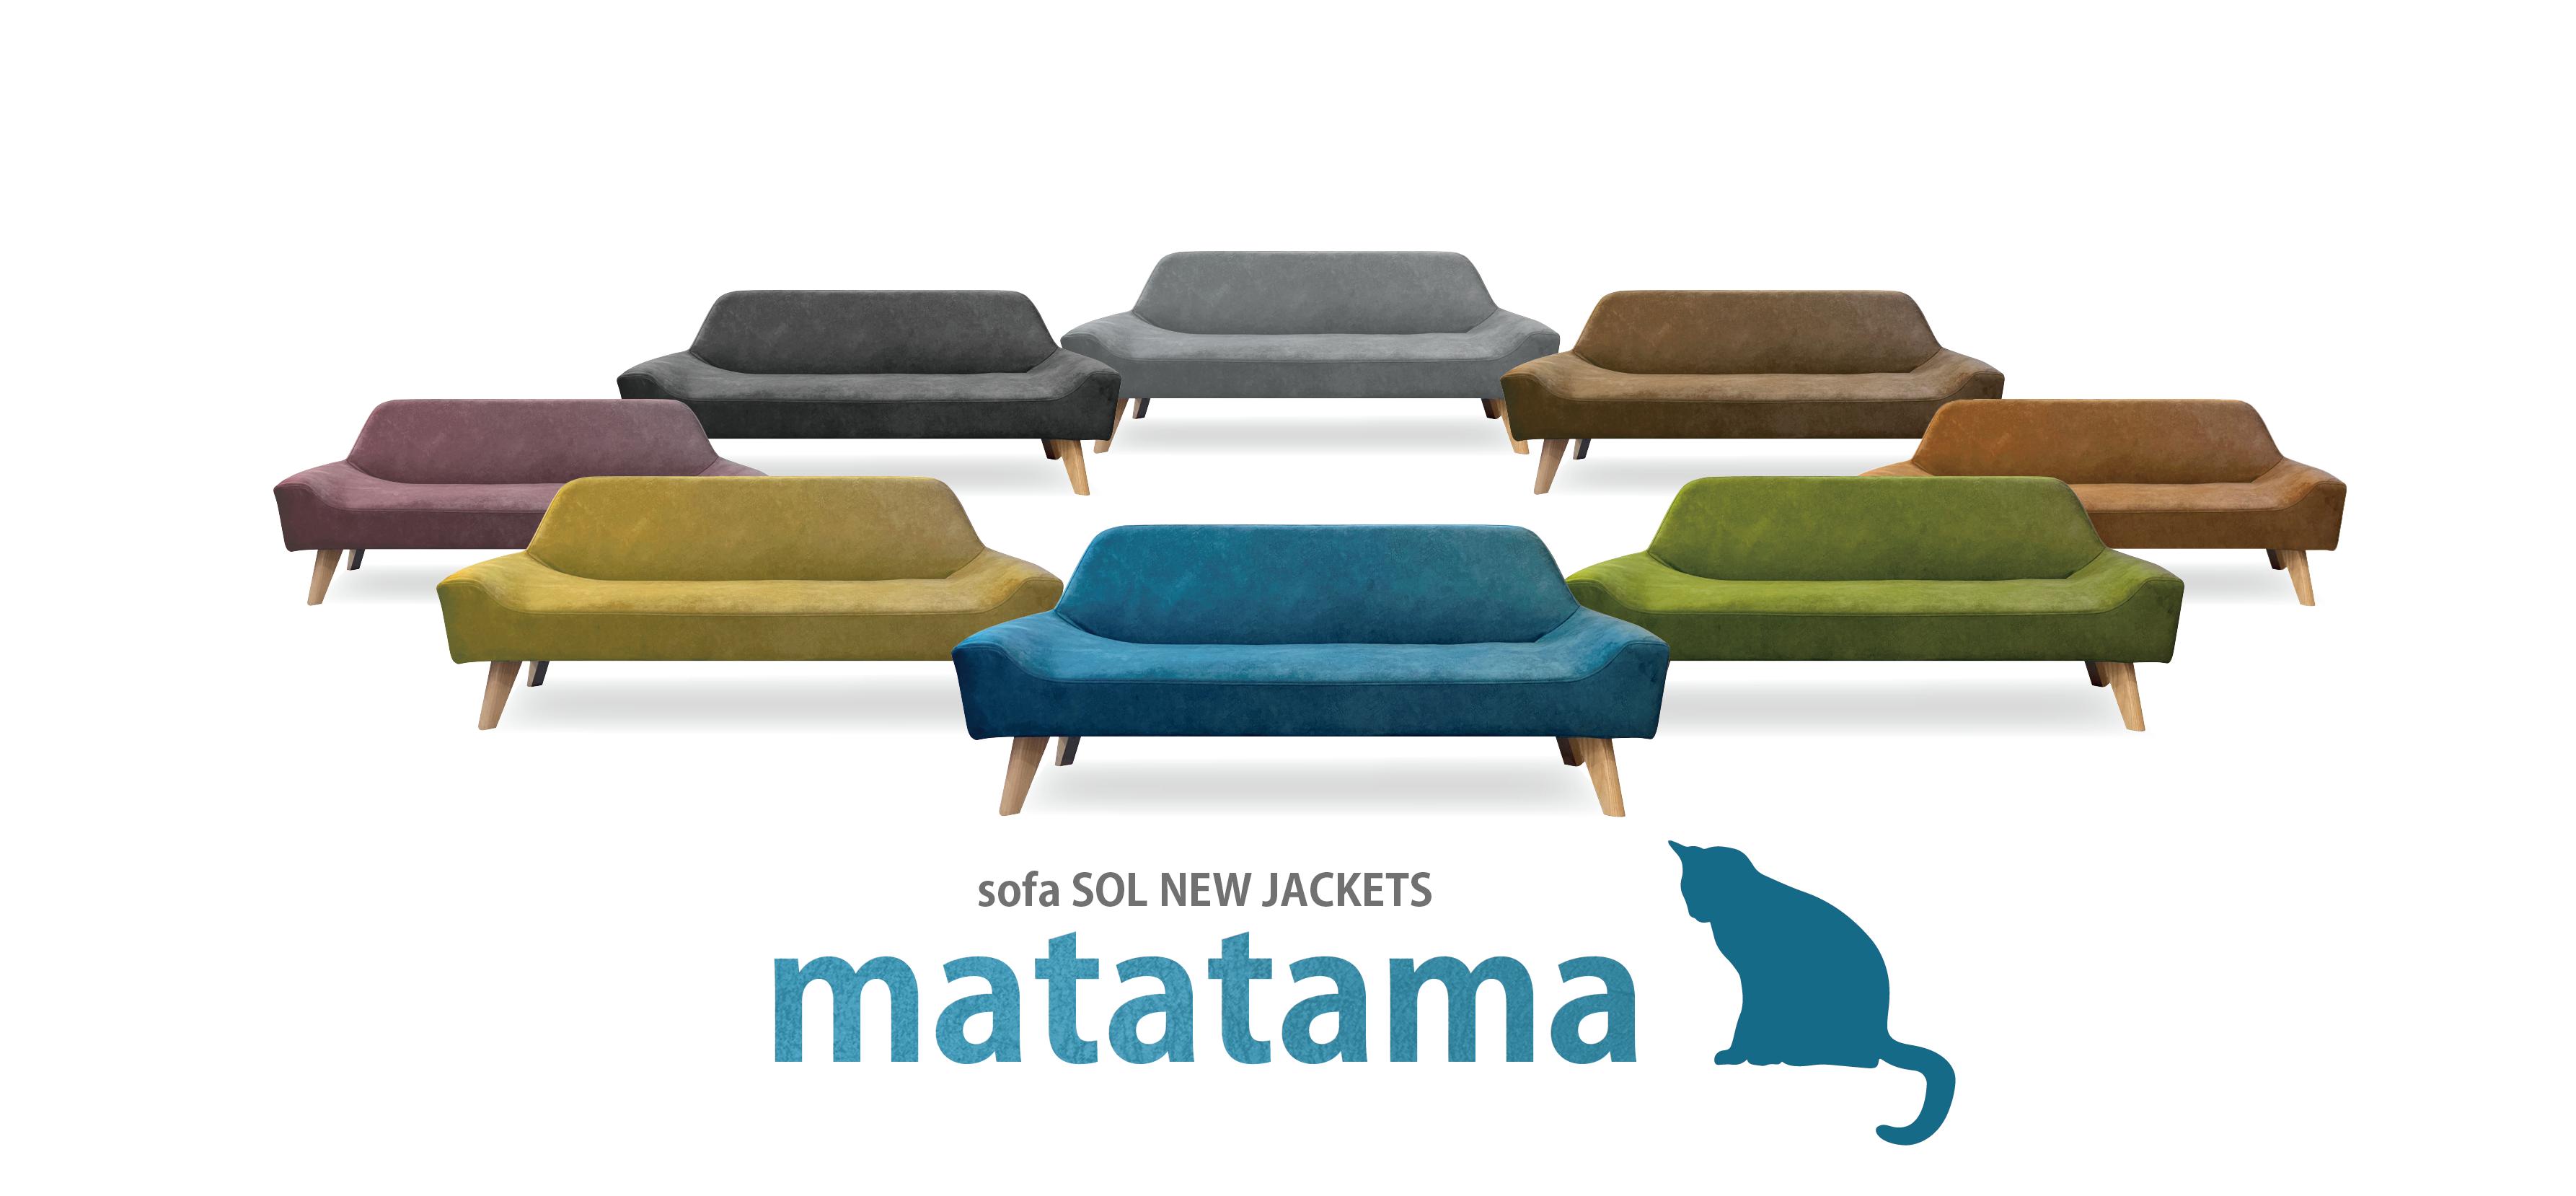 新作情報、matatama、新発売、ペット、ネコ、犬、強い生地、カバーリング、ベルベット